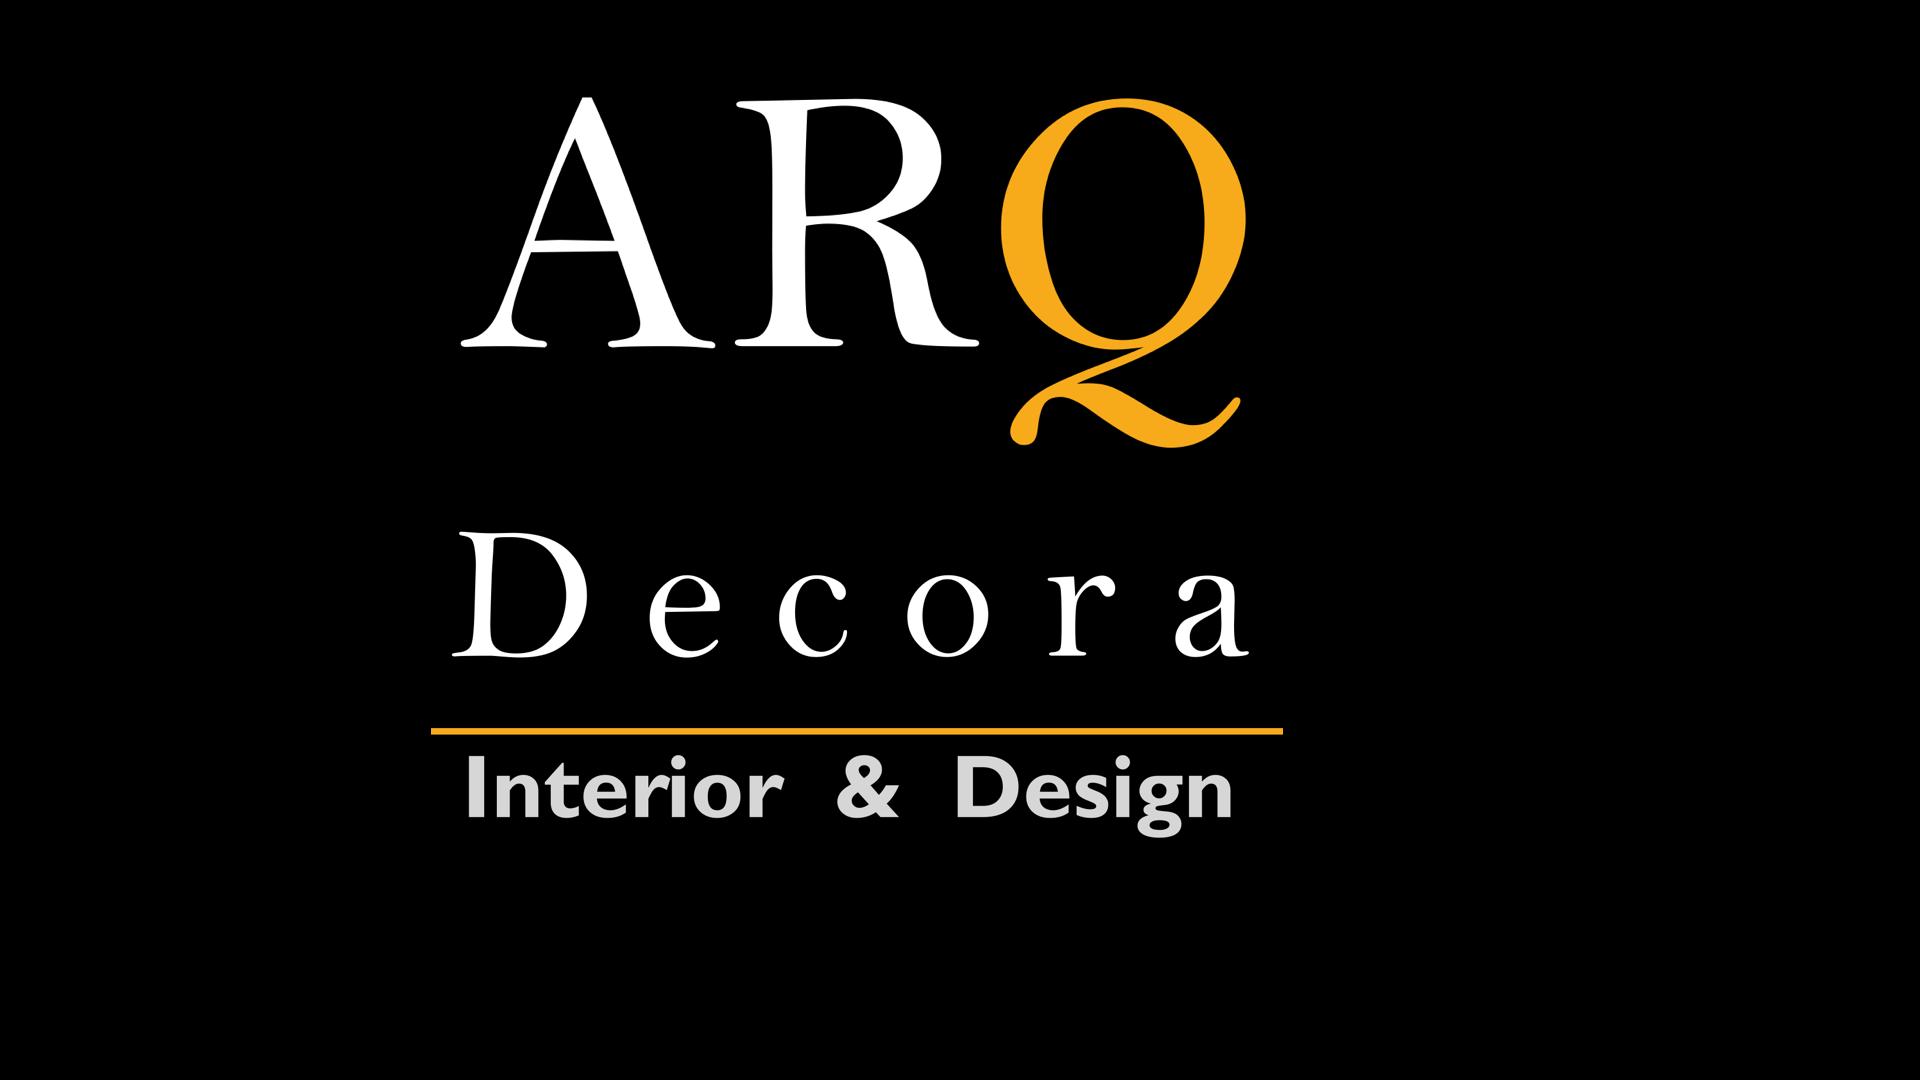 Arq Decora